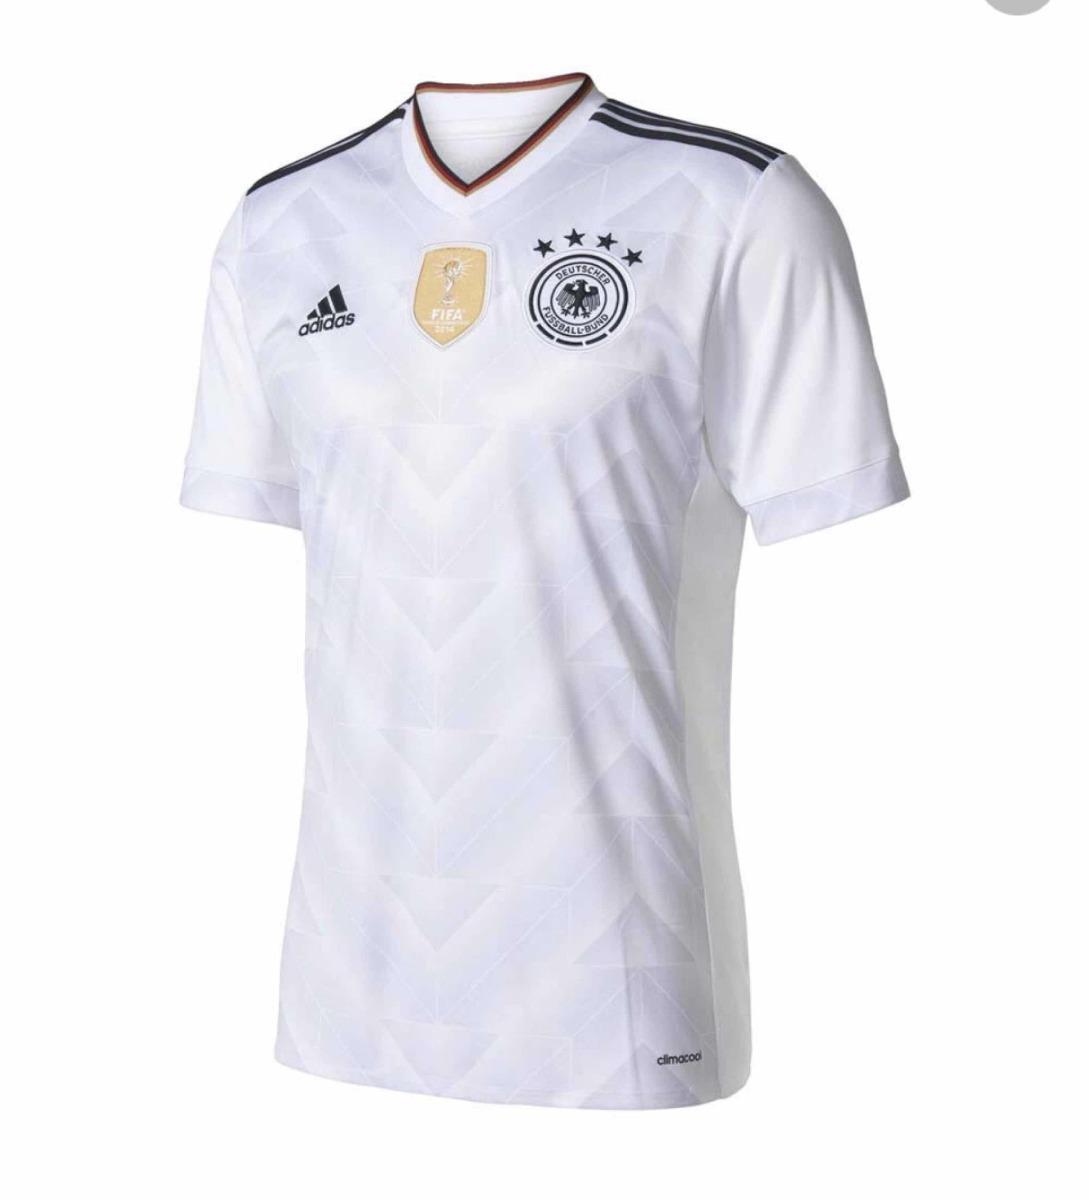 camisa adidas alemanha ¿¿ n3 copa 2018. Carregando zoom. e3d499fa1e57b